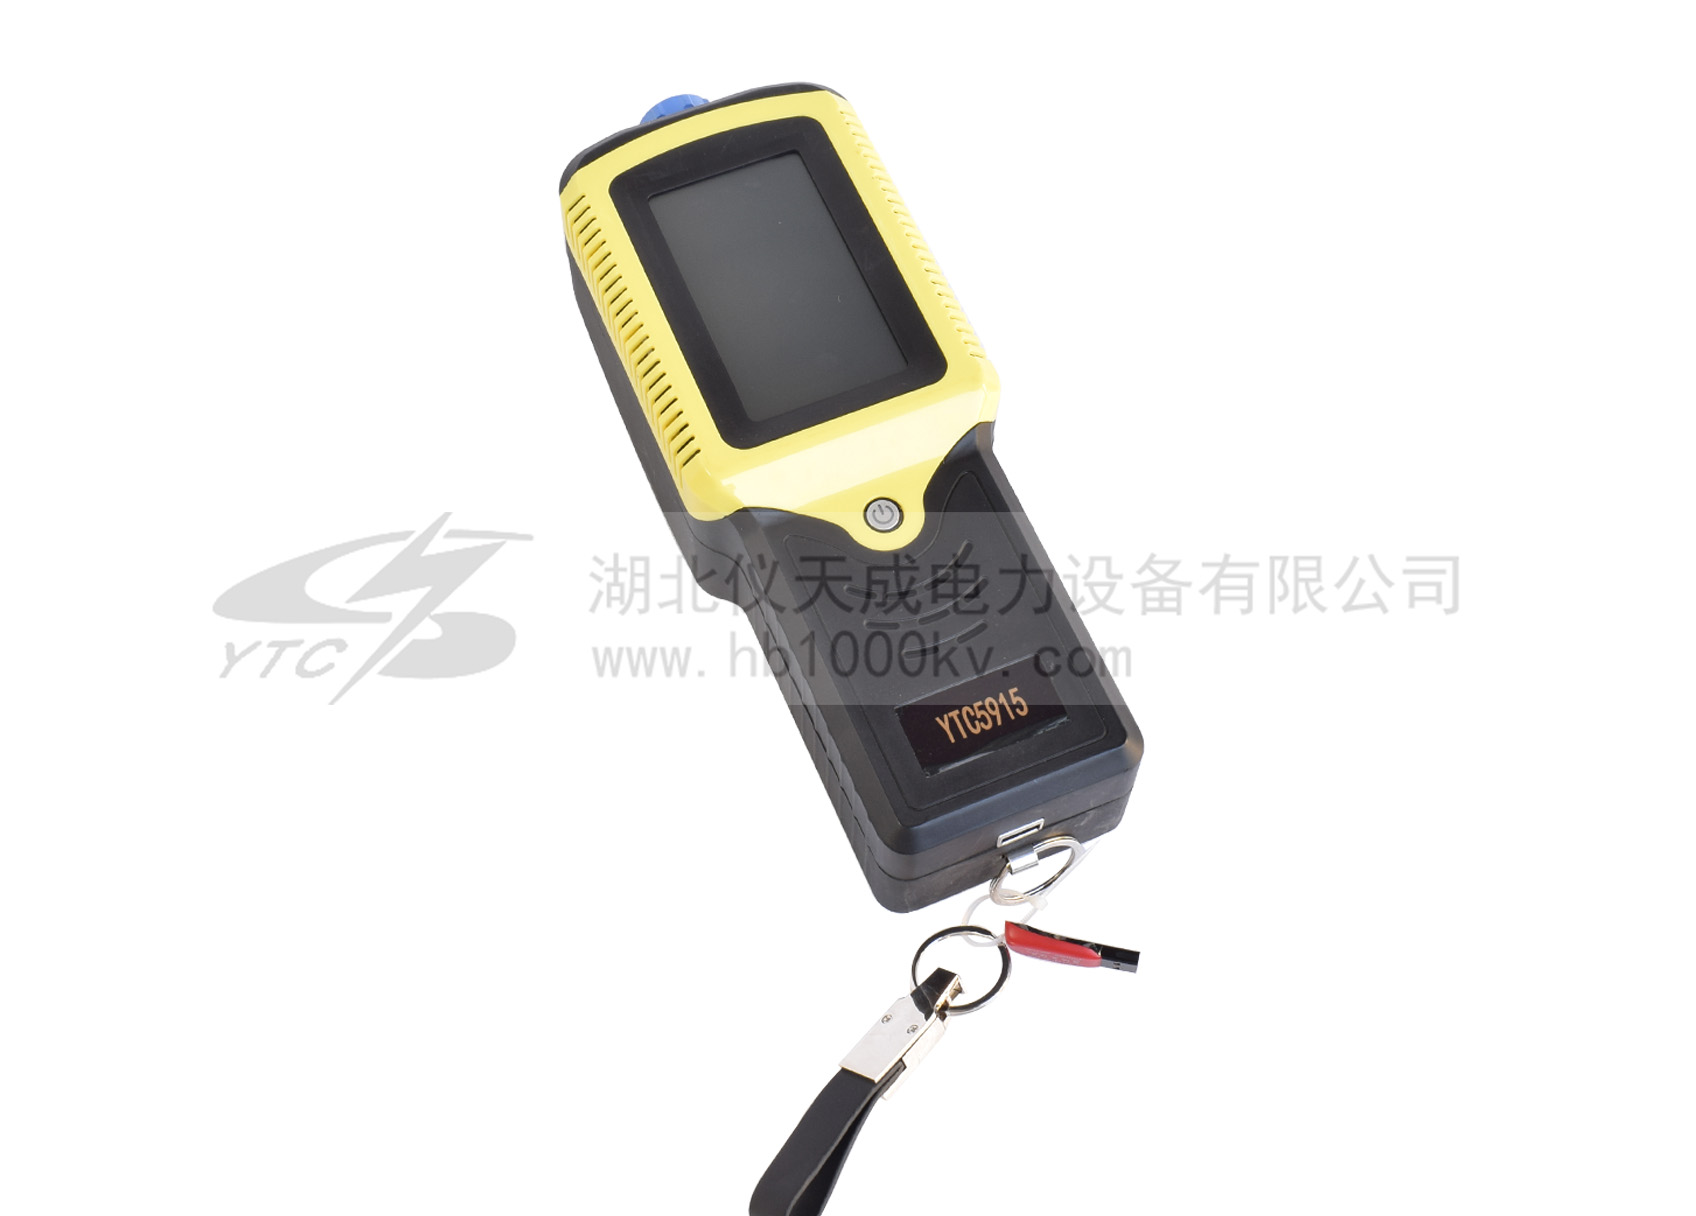 YTC5915智能蓄电池内阻测试仪主机